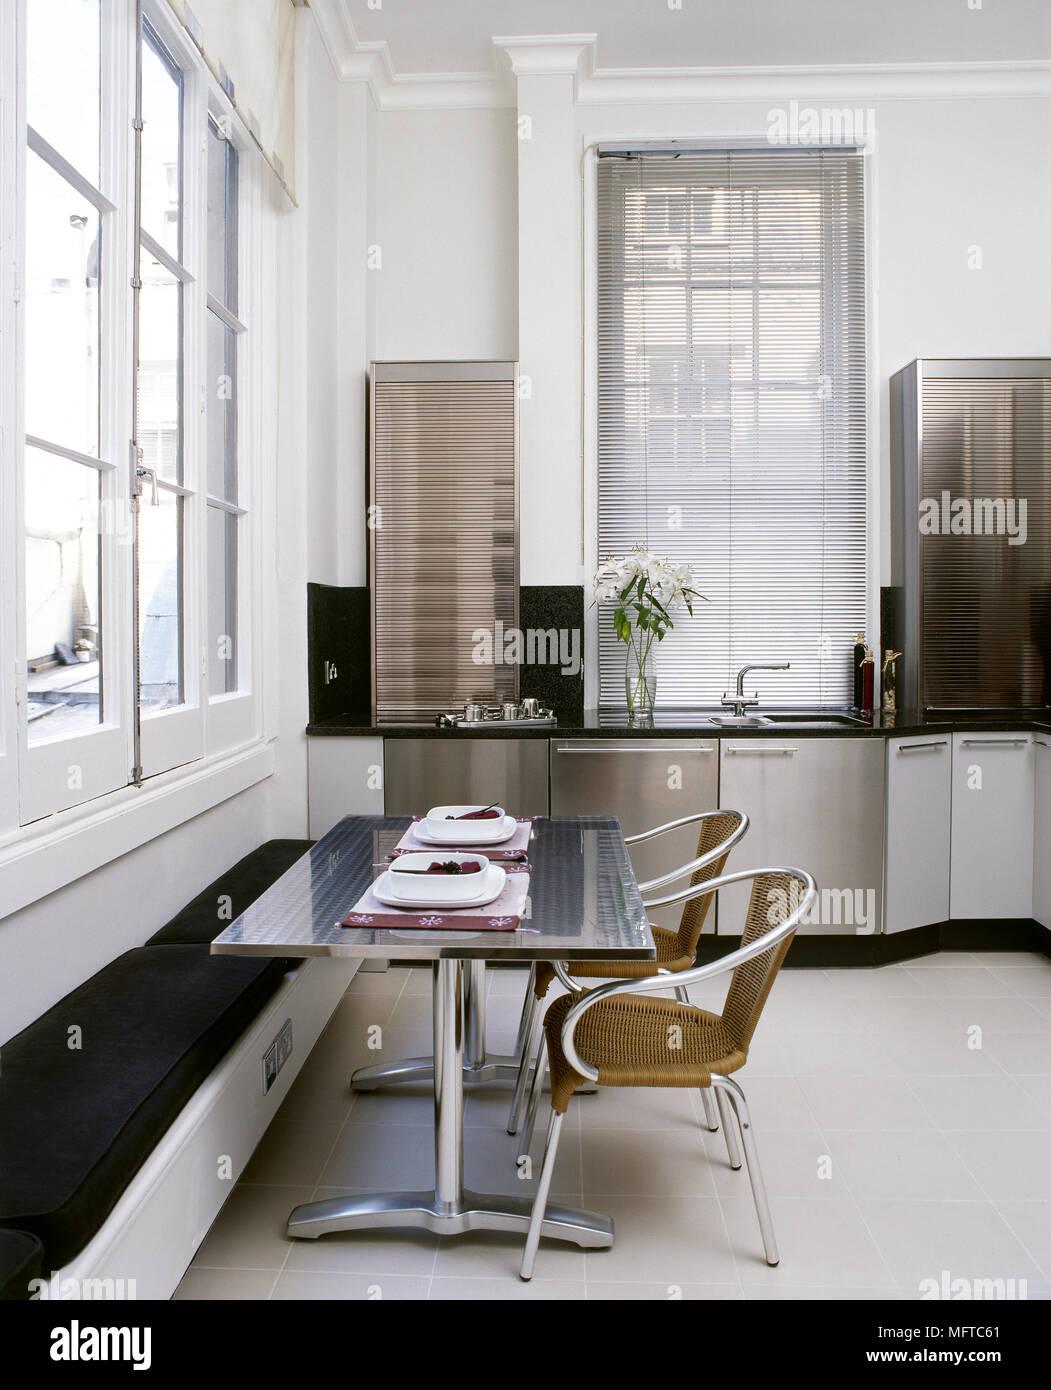 Moderno e cucina abitabile con acciaio inox armadi, tavolo con panca ...